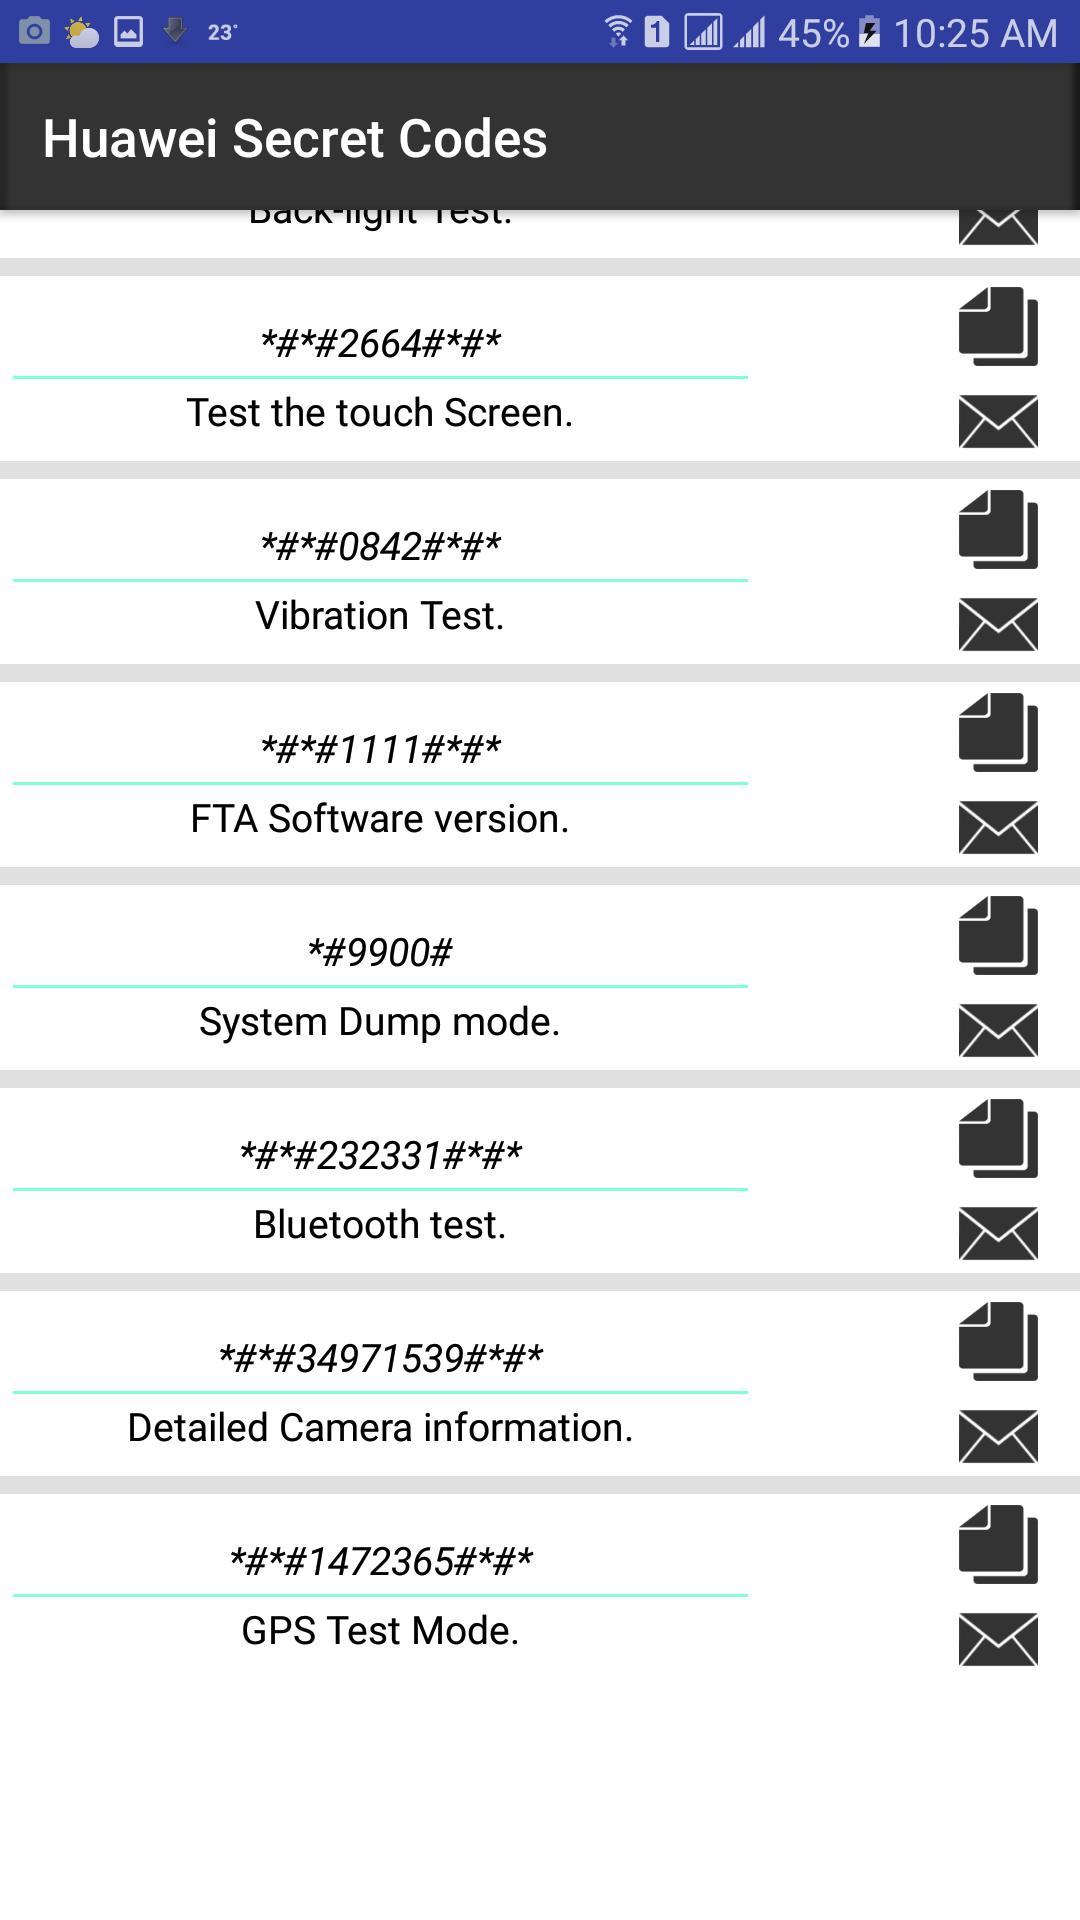 Secret Codes Of Huawei Dlya Android Skachat Apk